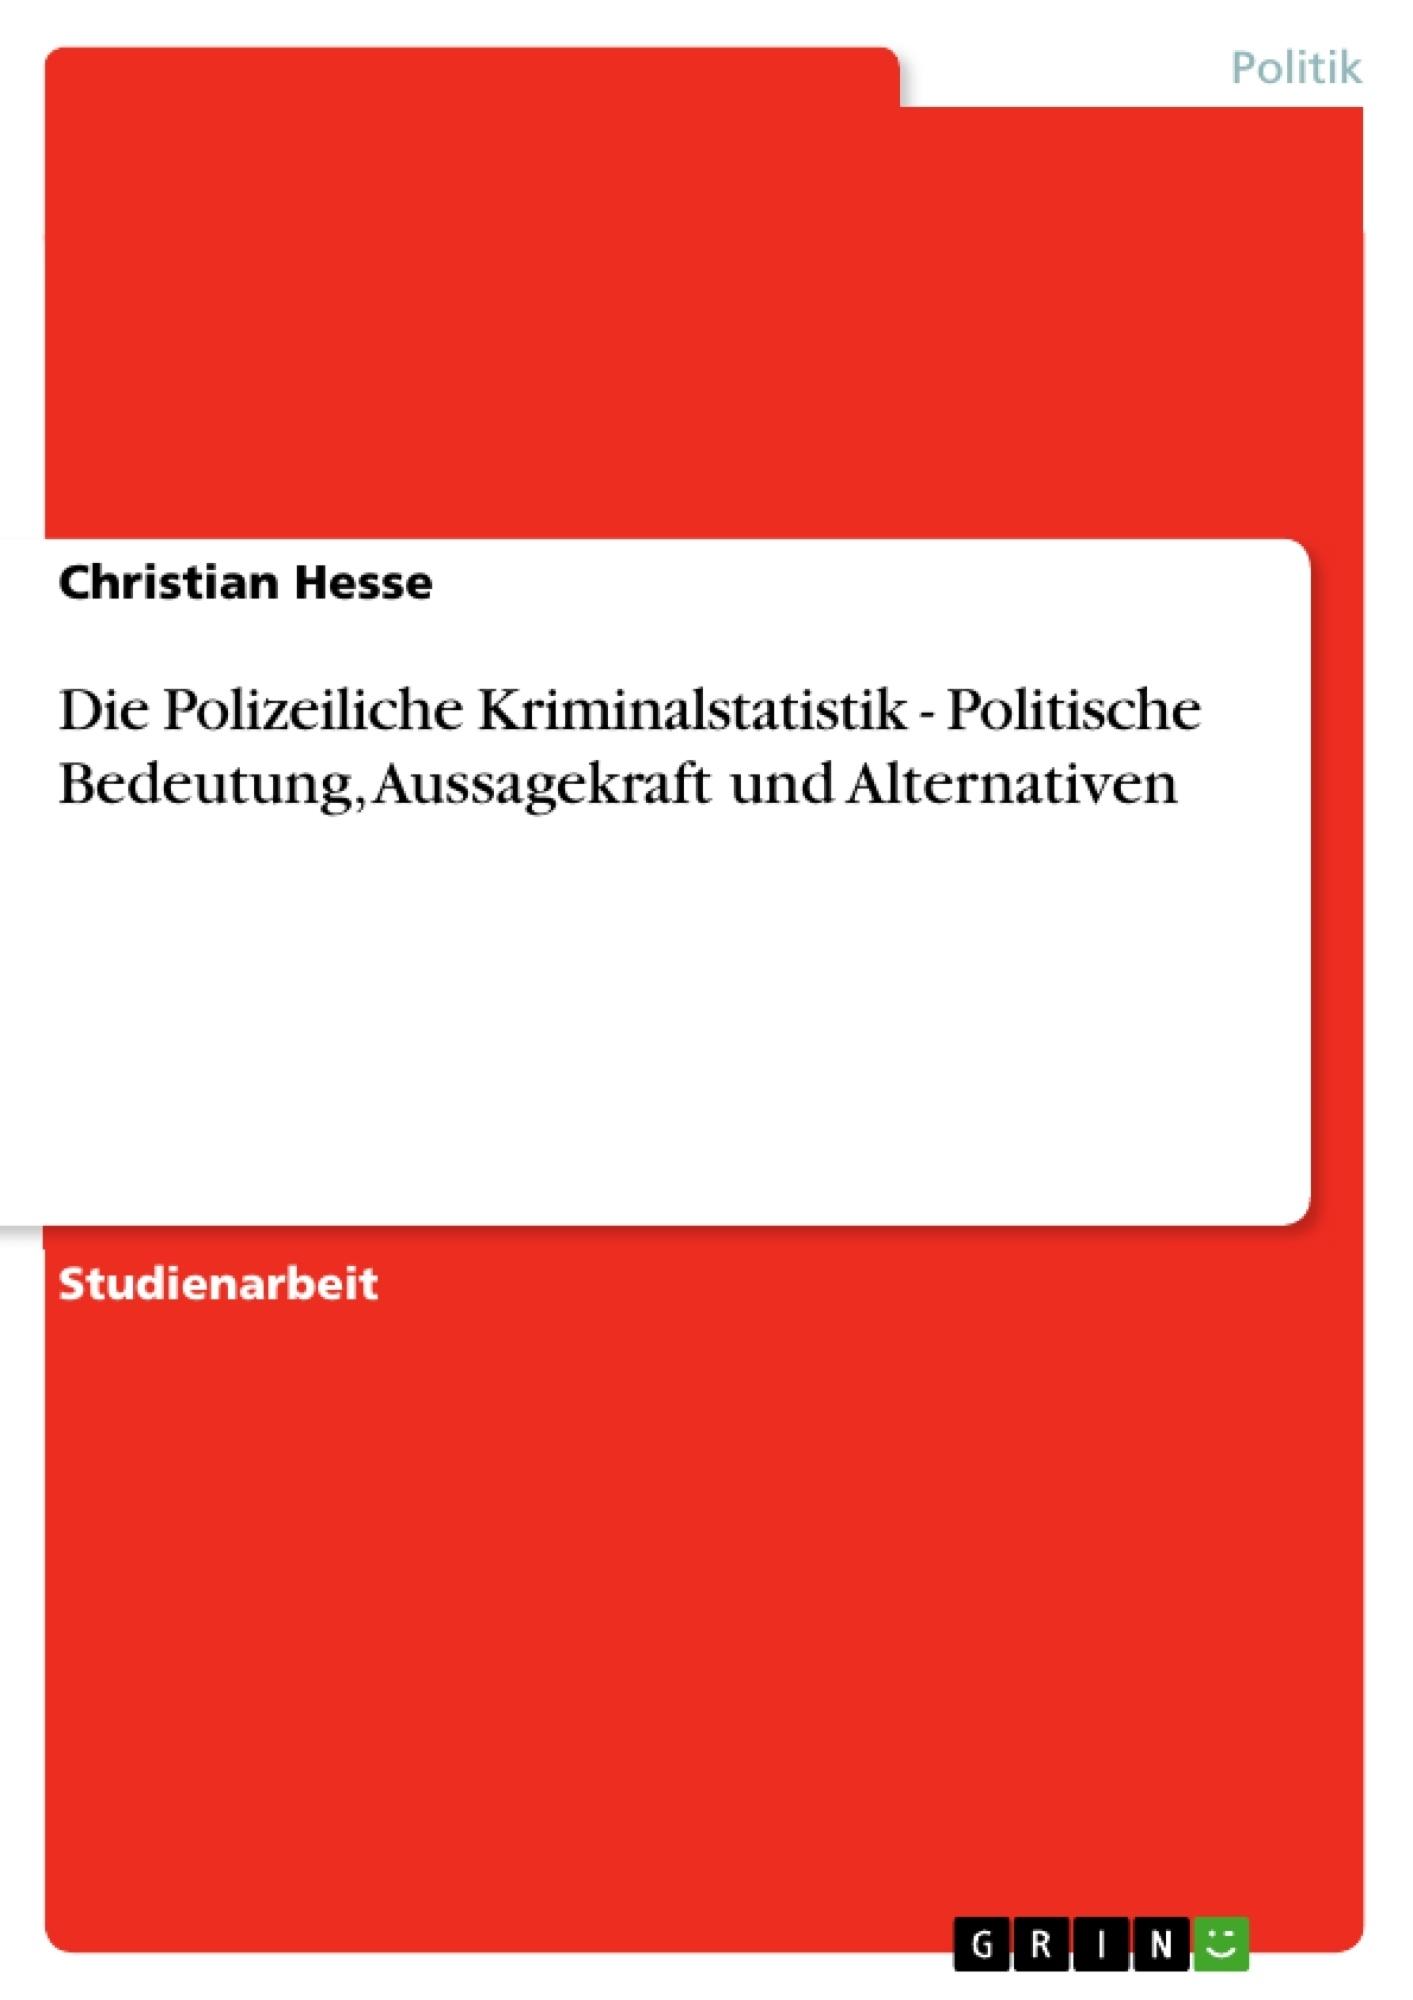 Titel: Die Polizeiliche Kriminalstatistik - Politische Bedeutung, Aussagekraft und Alternativen